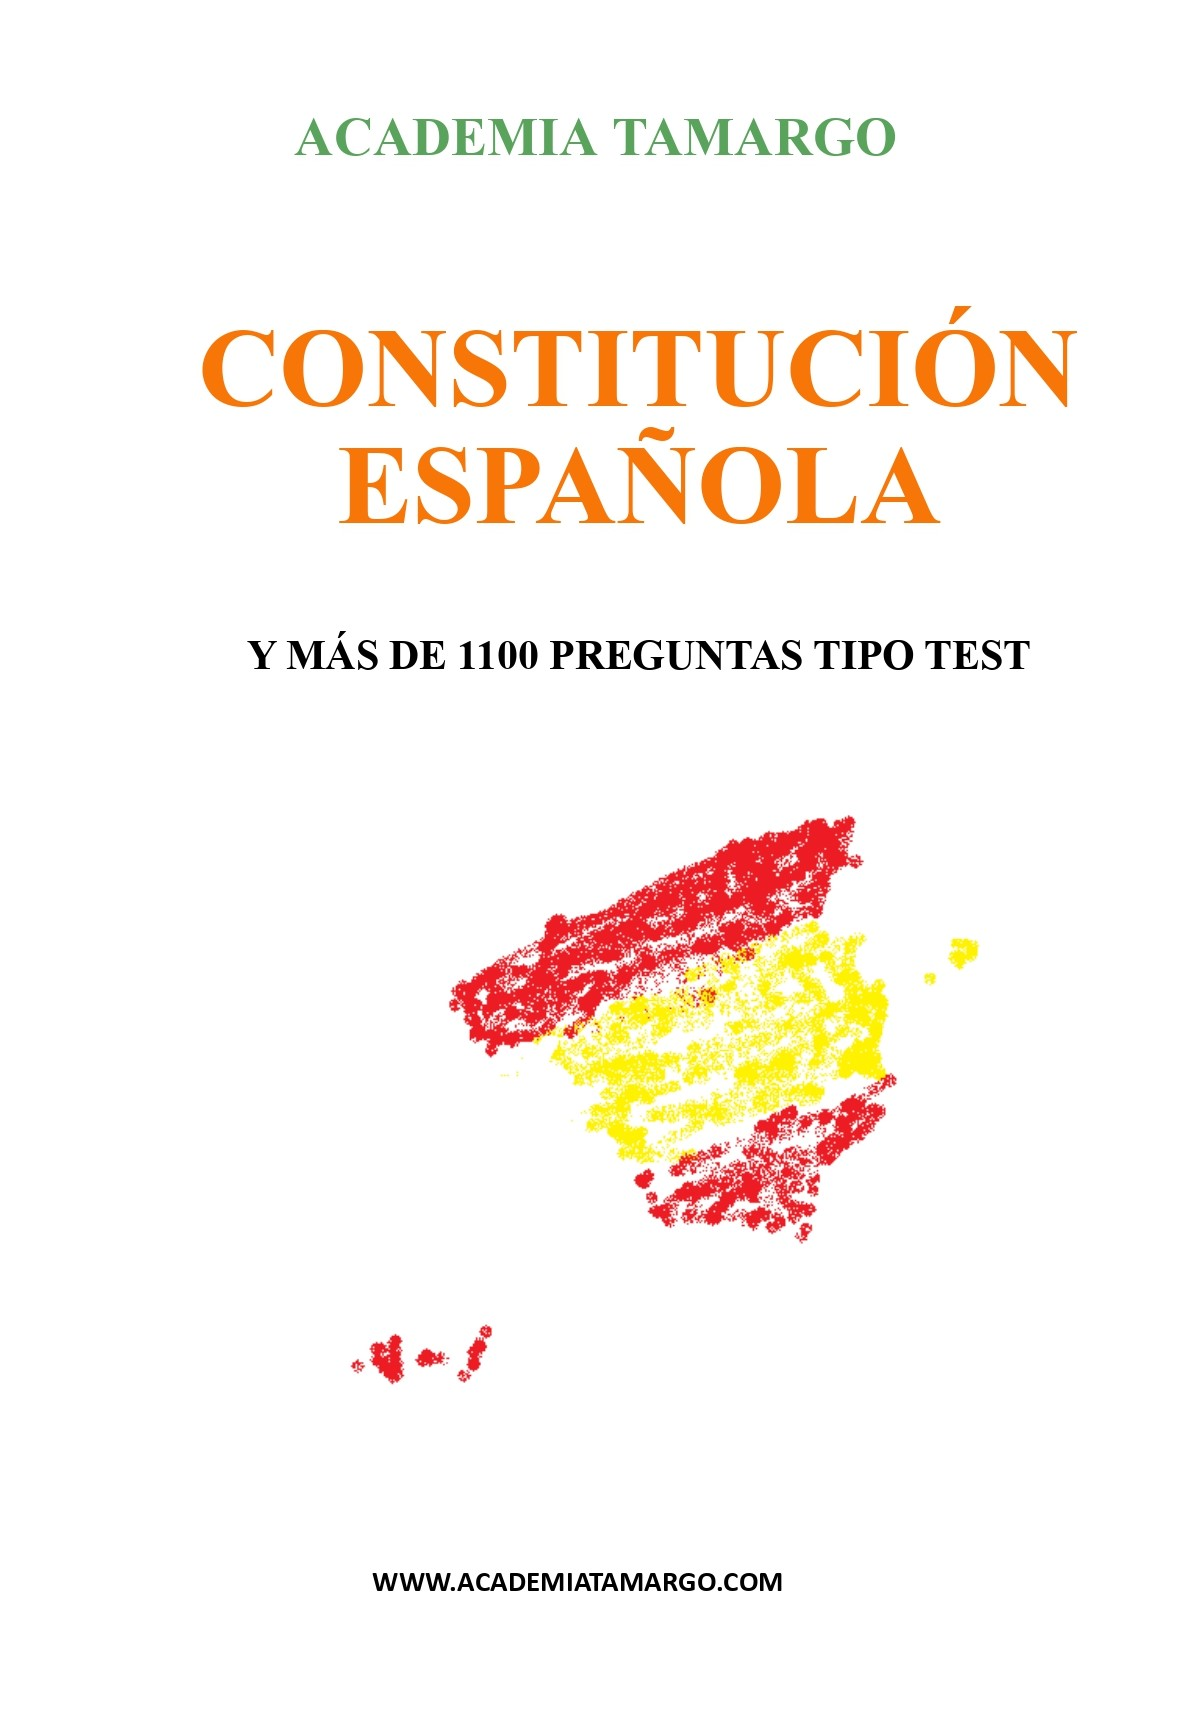 CONSTITUCIÓN ESPAÑOLA Y 1130 PREGUNTAS PORTADA_page-0001